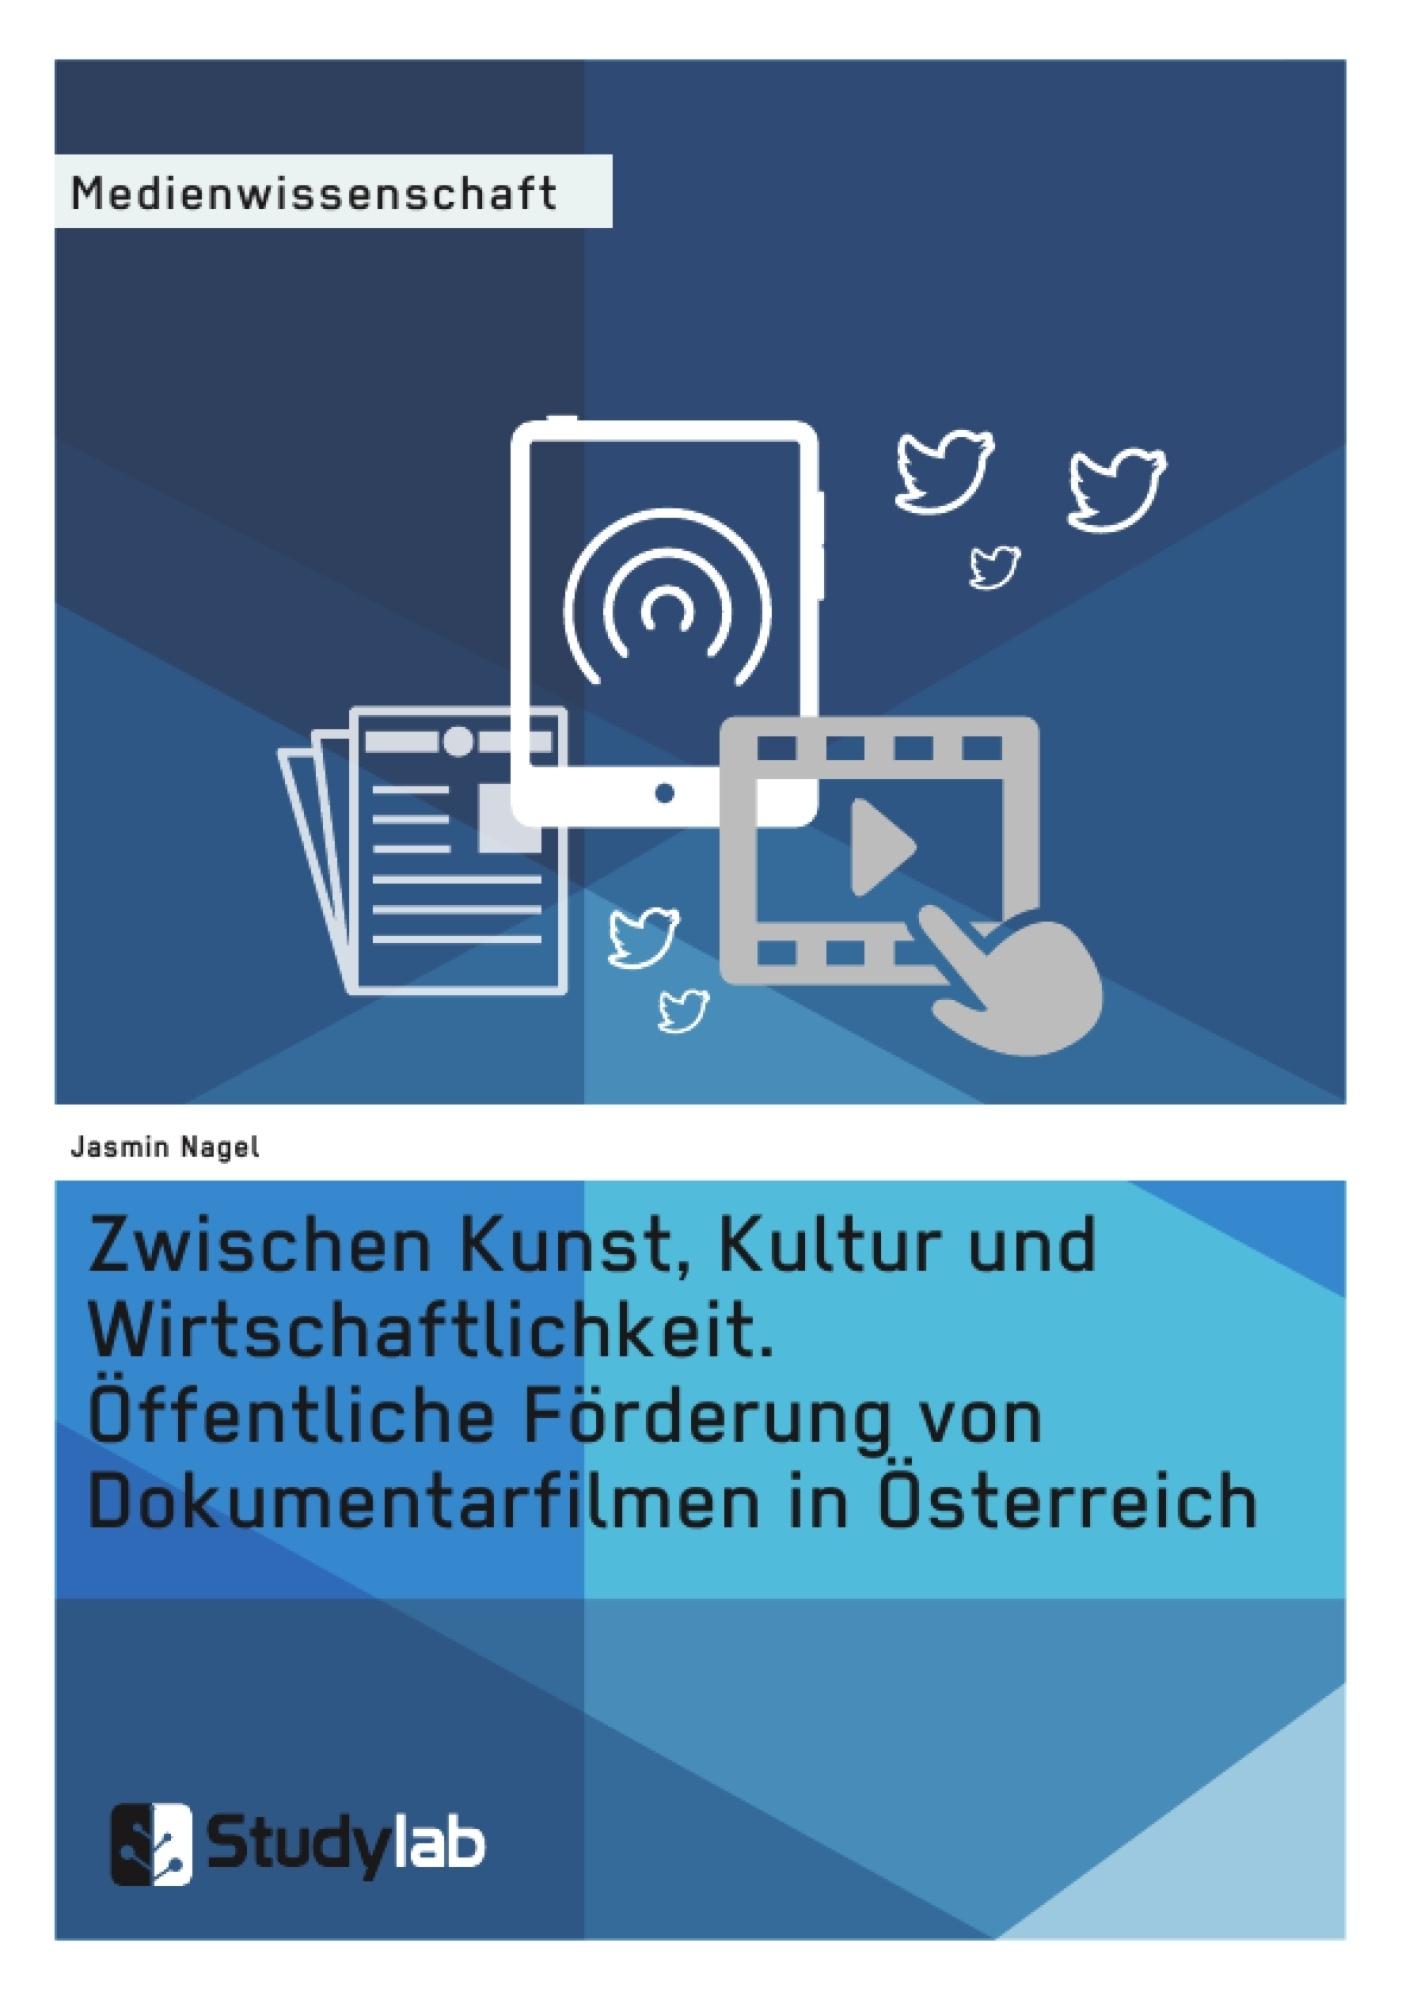 Titel: Zwischen Kunst, Kultur und Wirtschaftlichkeit. Öffentliche Förderung von Dokumentarfilmen in Österreich